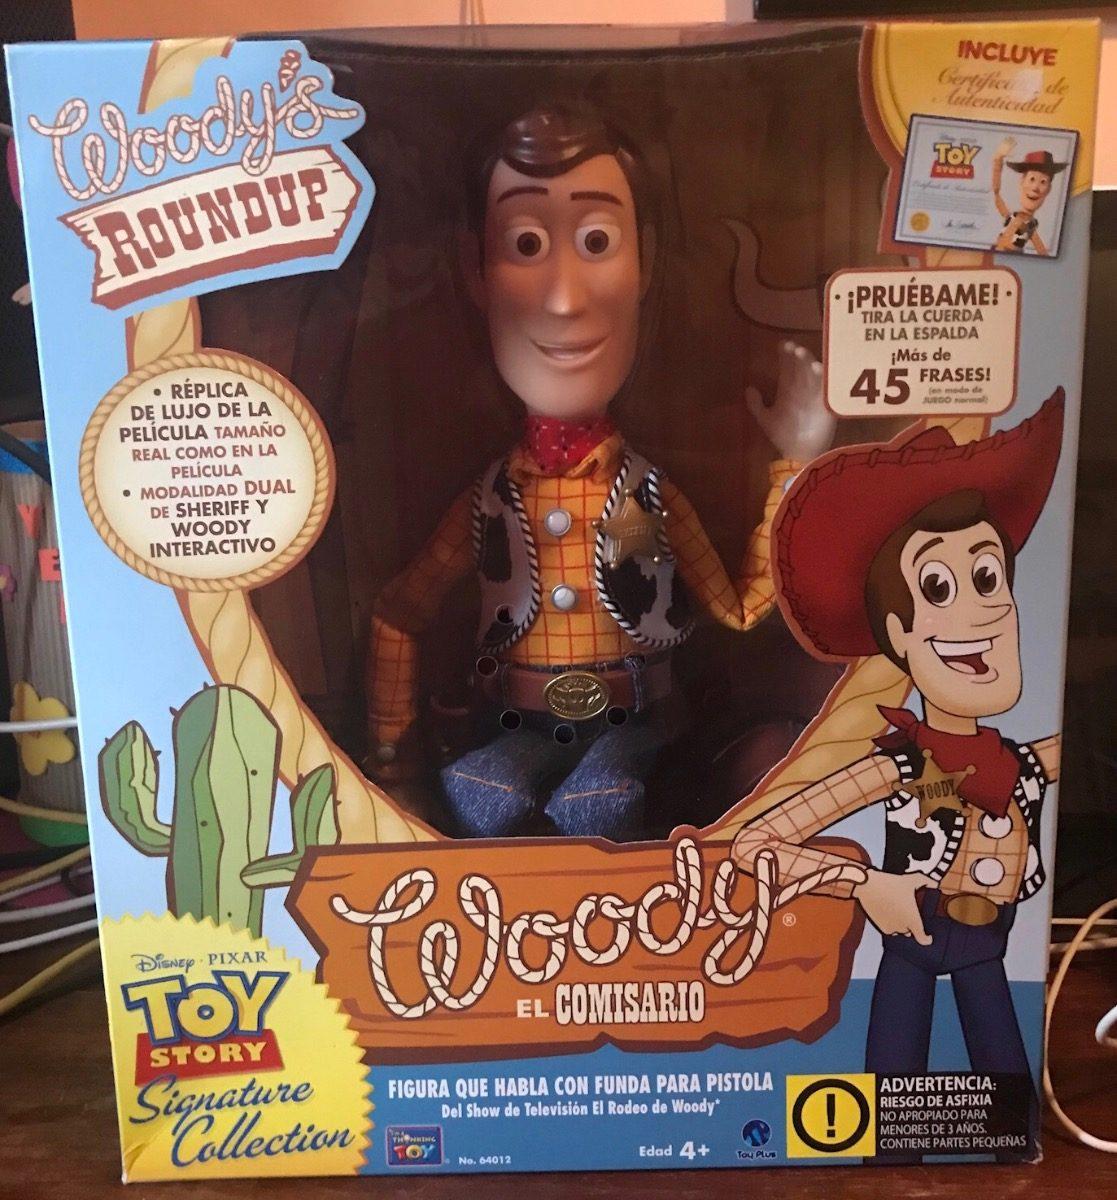 35050989021e5 toy story woody el comisario original certificado sonidos. Cargando zoom.